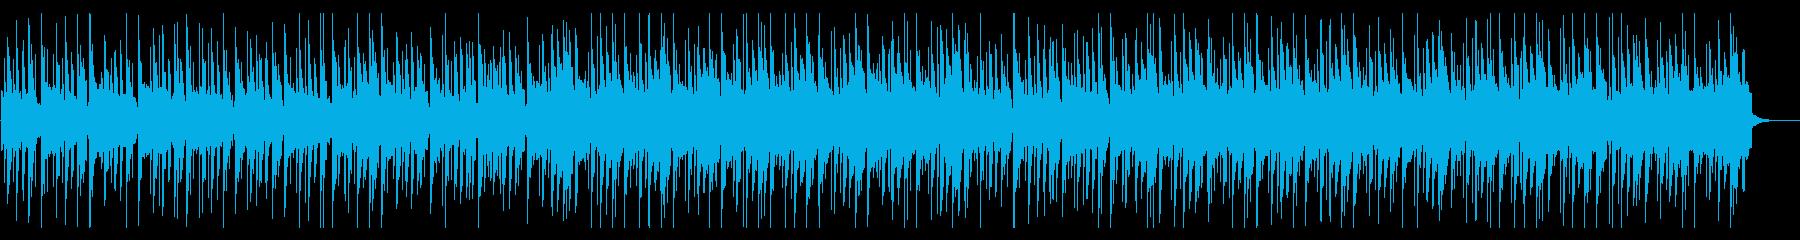 【リズム抜】ポコポコした浮遊感のある導入の再生済みの波形